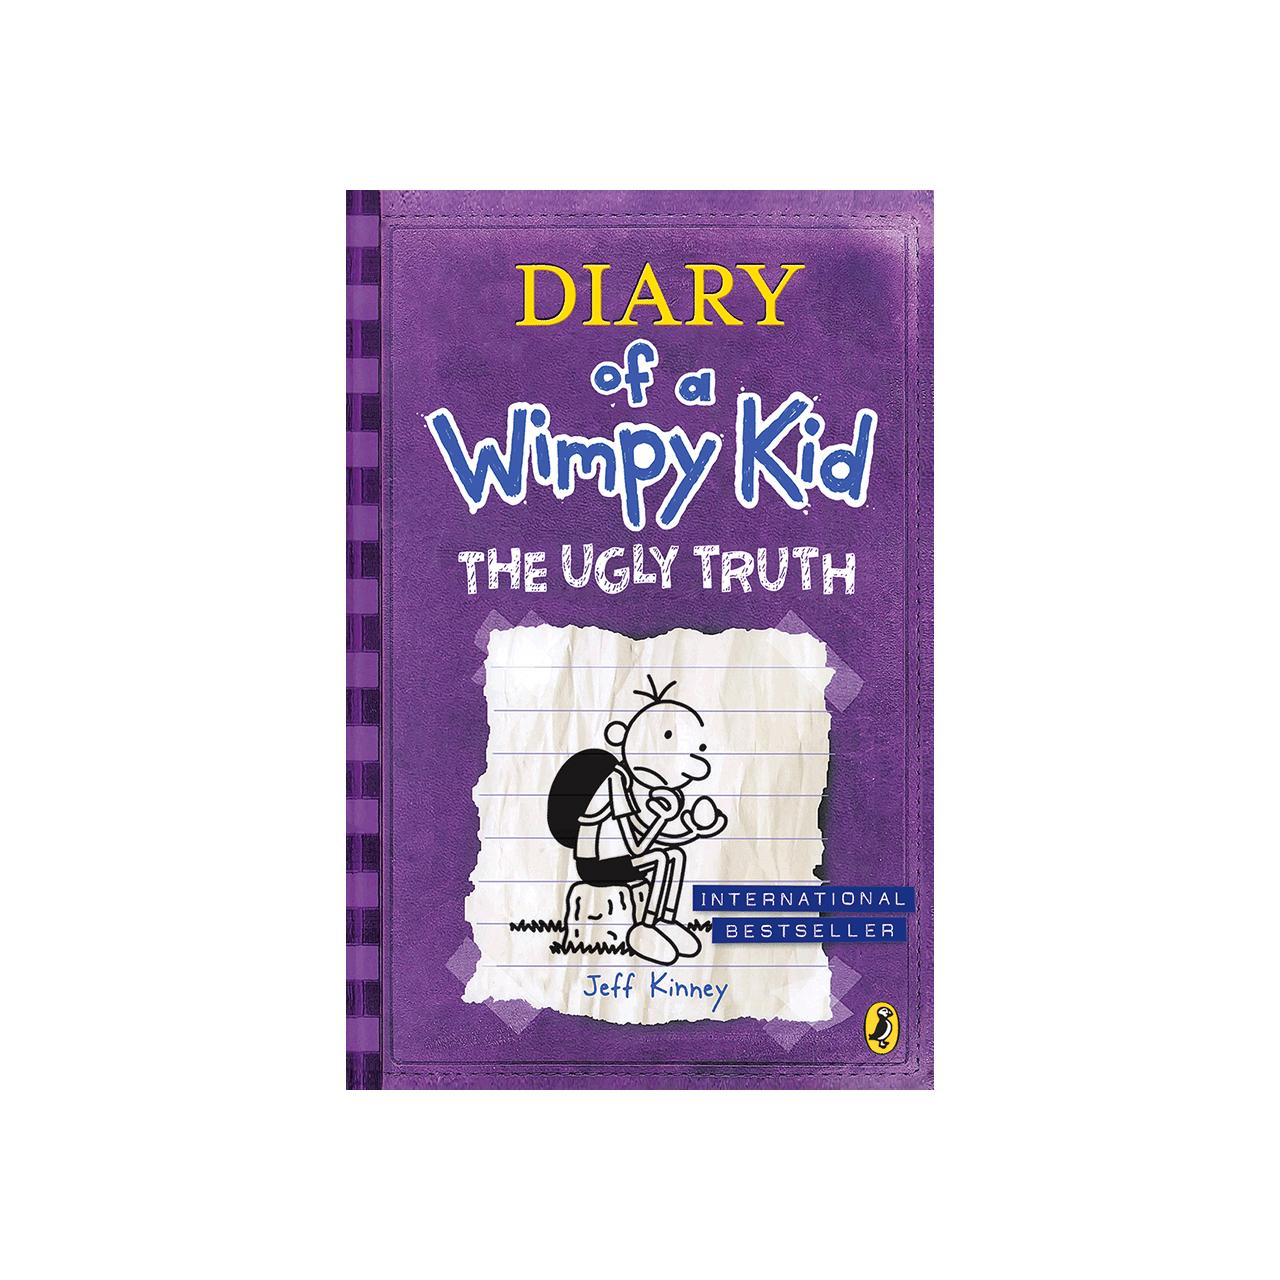 رمان انگلیسی Diary of a Wimpy The Ugly Truth  اثر جف کینی